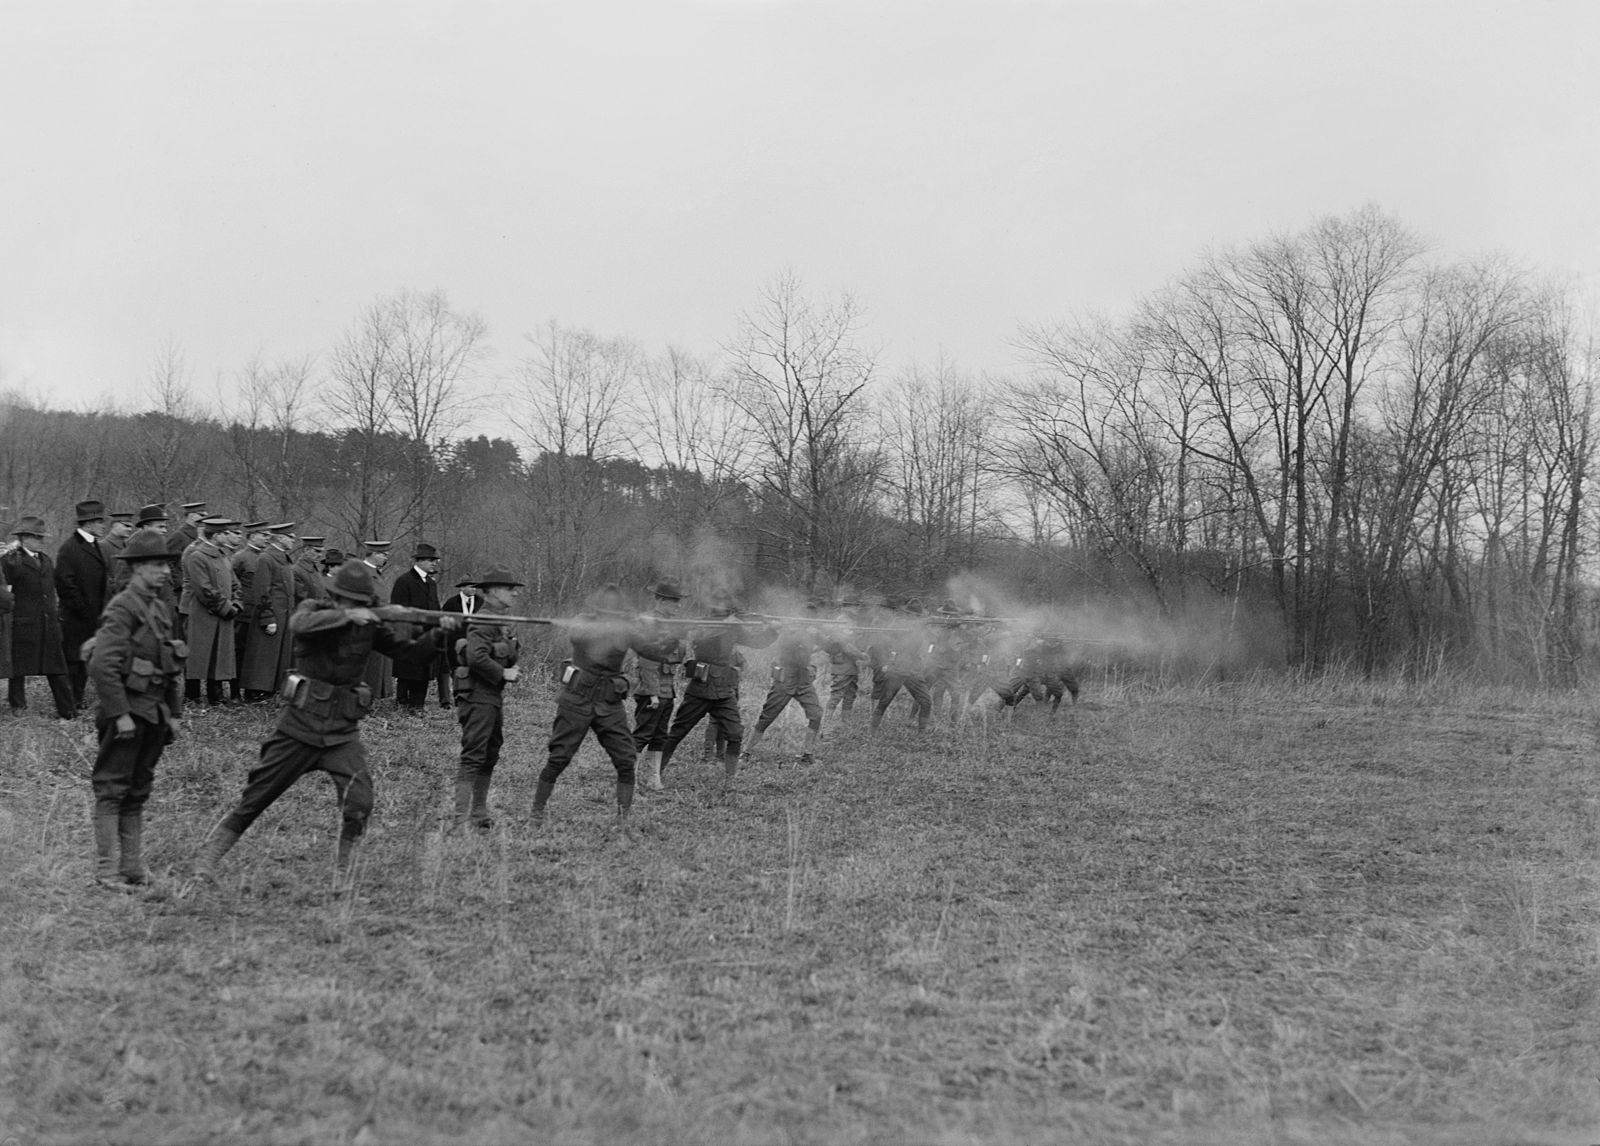 Démonstration de la puissance de feu de cette nouvelle arme en 1918, face à des officiels du congrès Américain